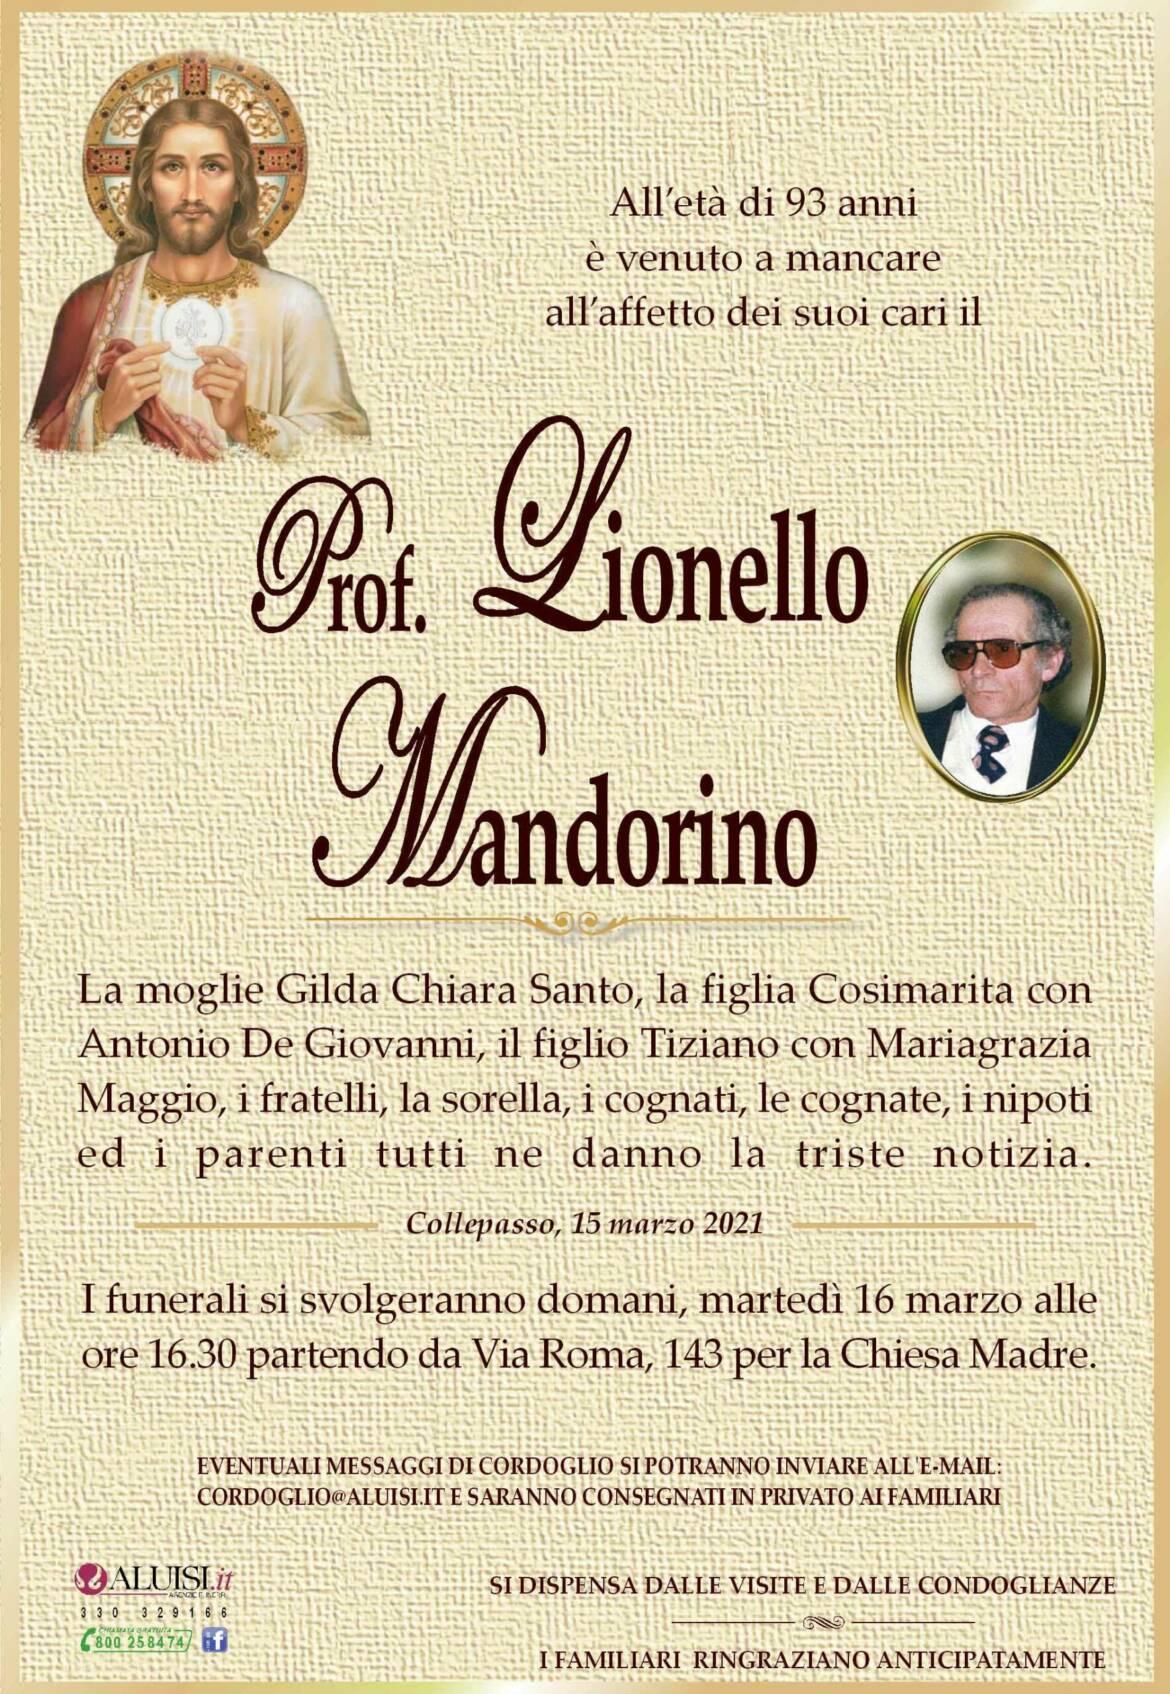 annuncio-lionello-mandorino-collepasso-scaled.jpg